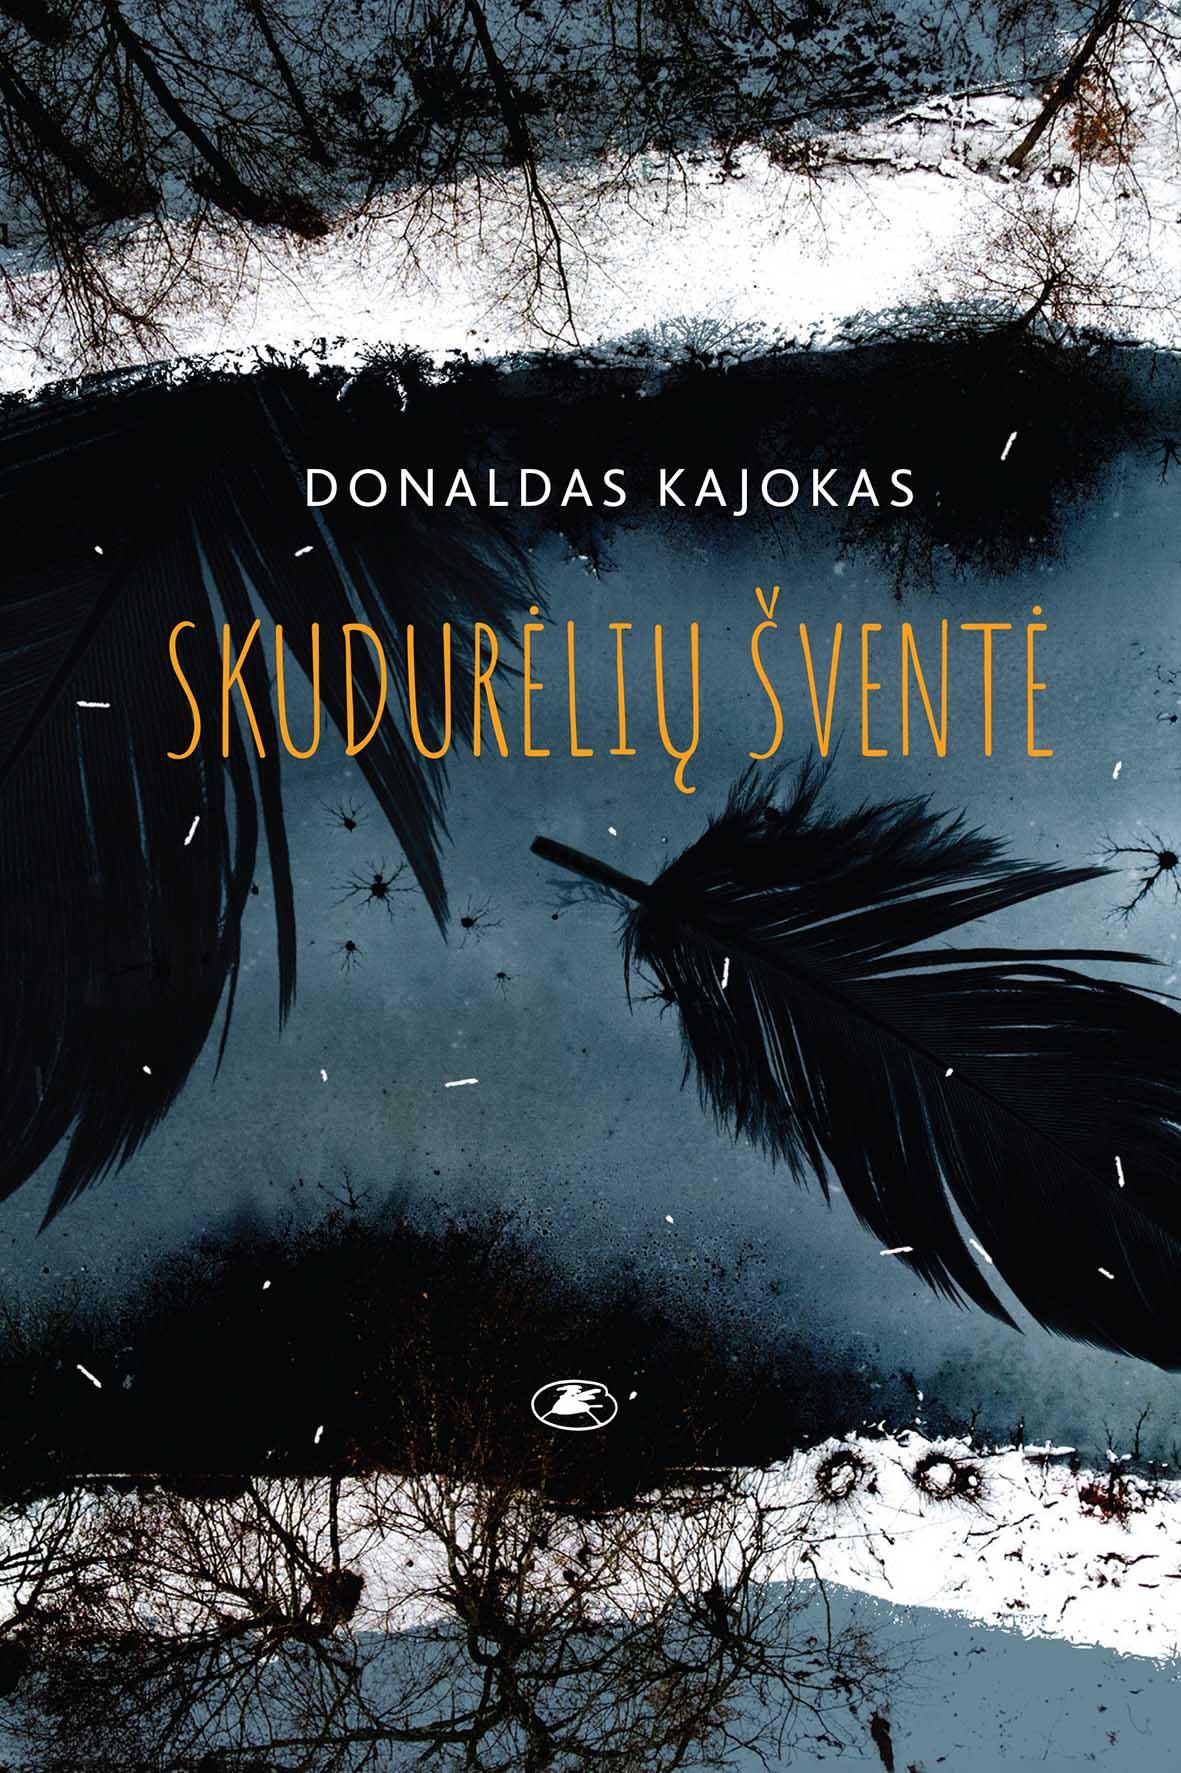 """Donaldas Kajokas. """"Skudurėlių šventė"""" (Vilnius: Lietuvos rašytojų sąjungos leidykla, 2021)"""